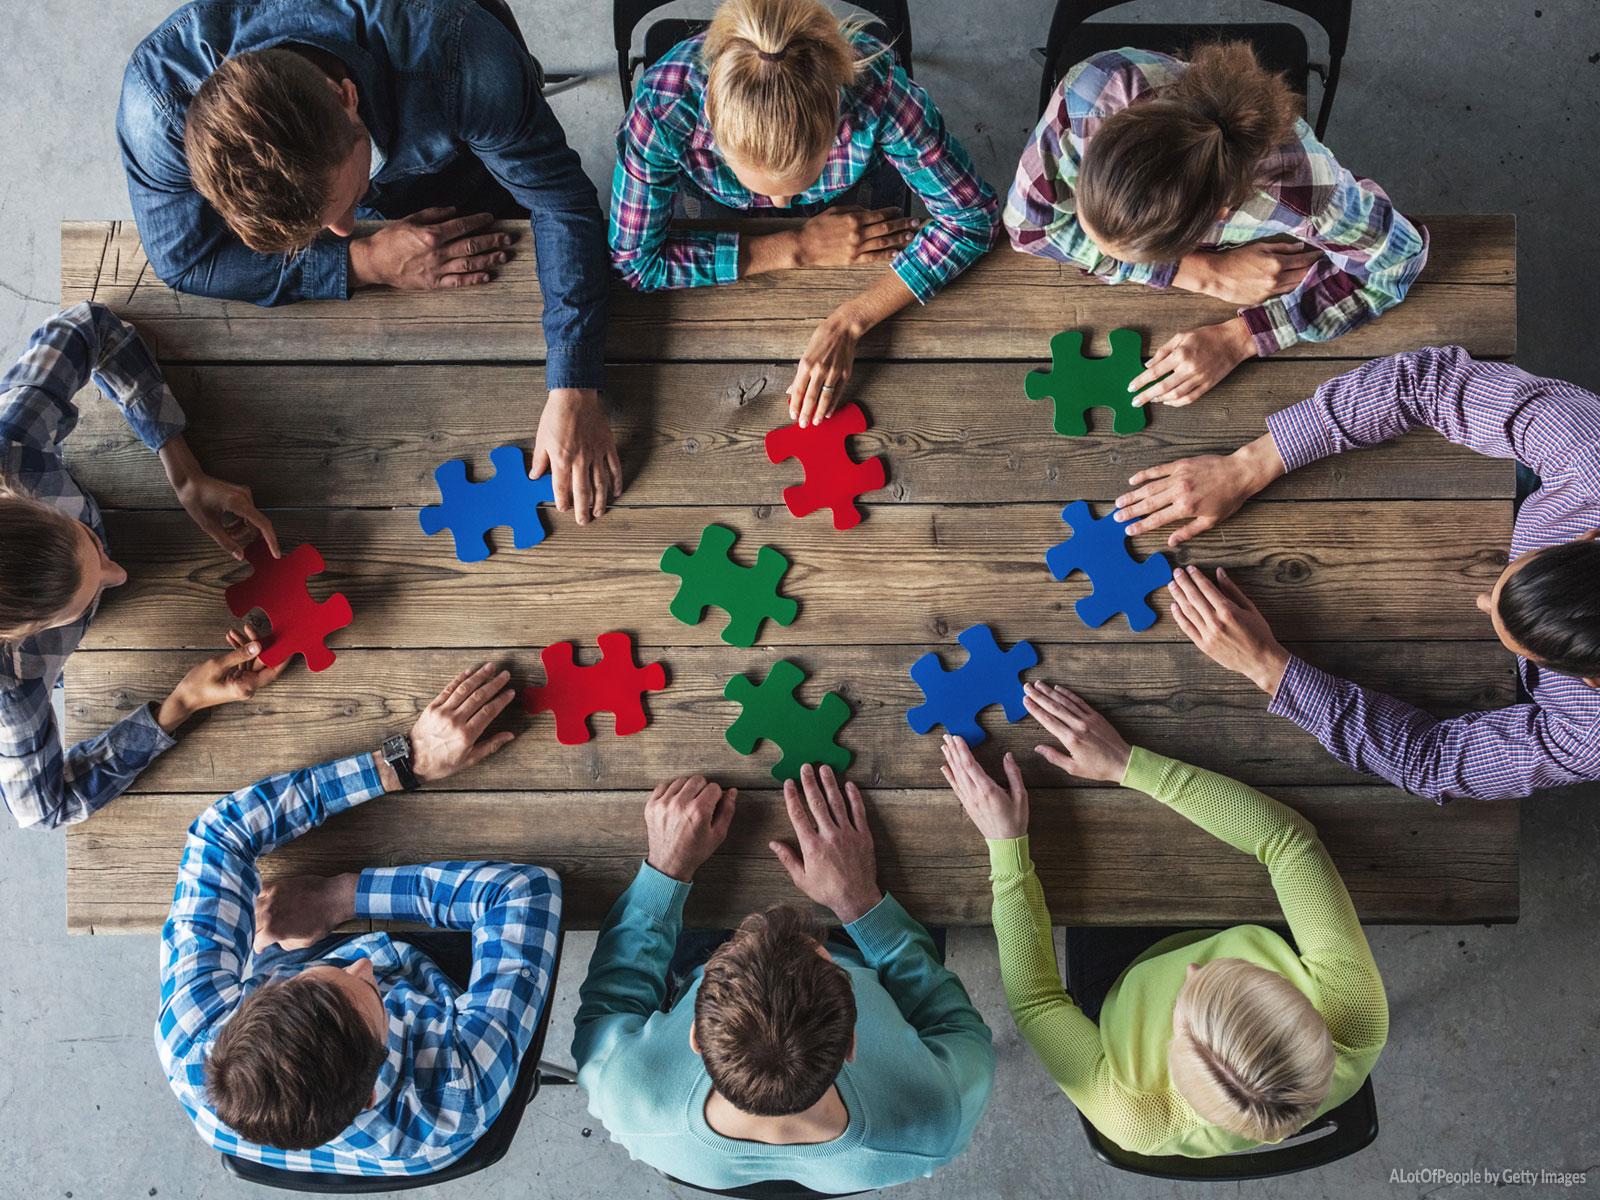 -Os-diálogos-cooperam-para-o-desenvolvimento-saudável-da-sociedade